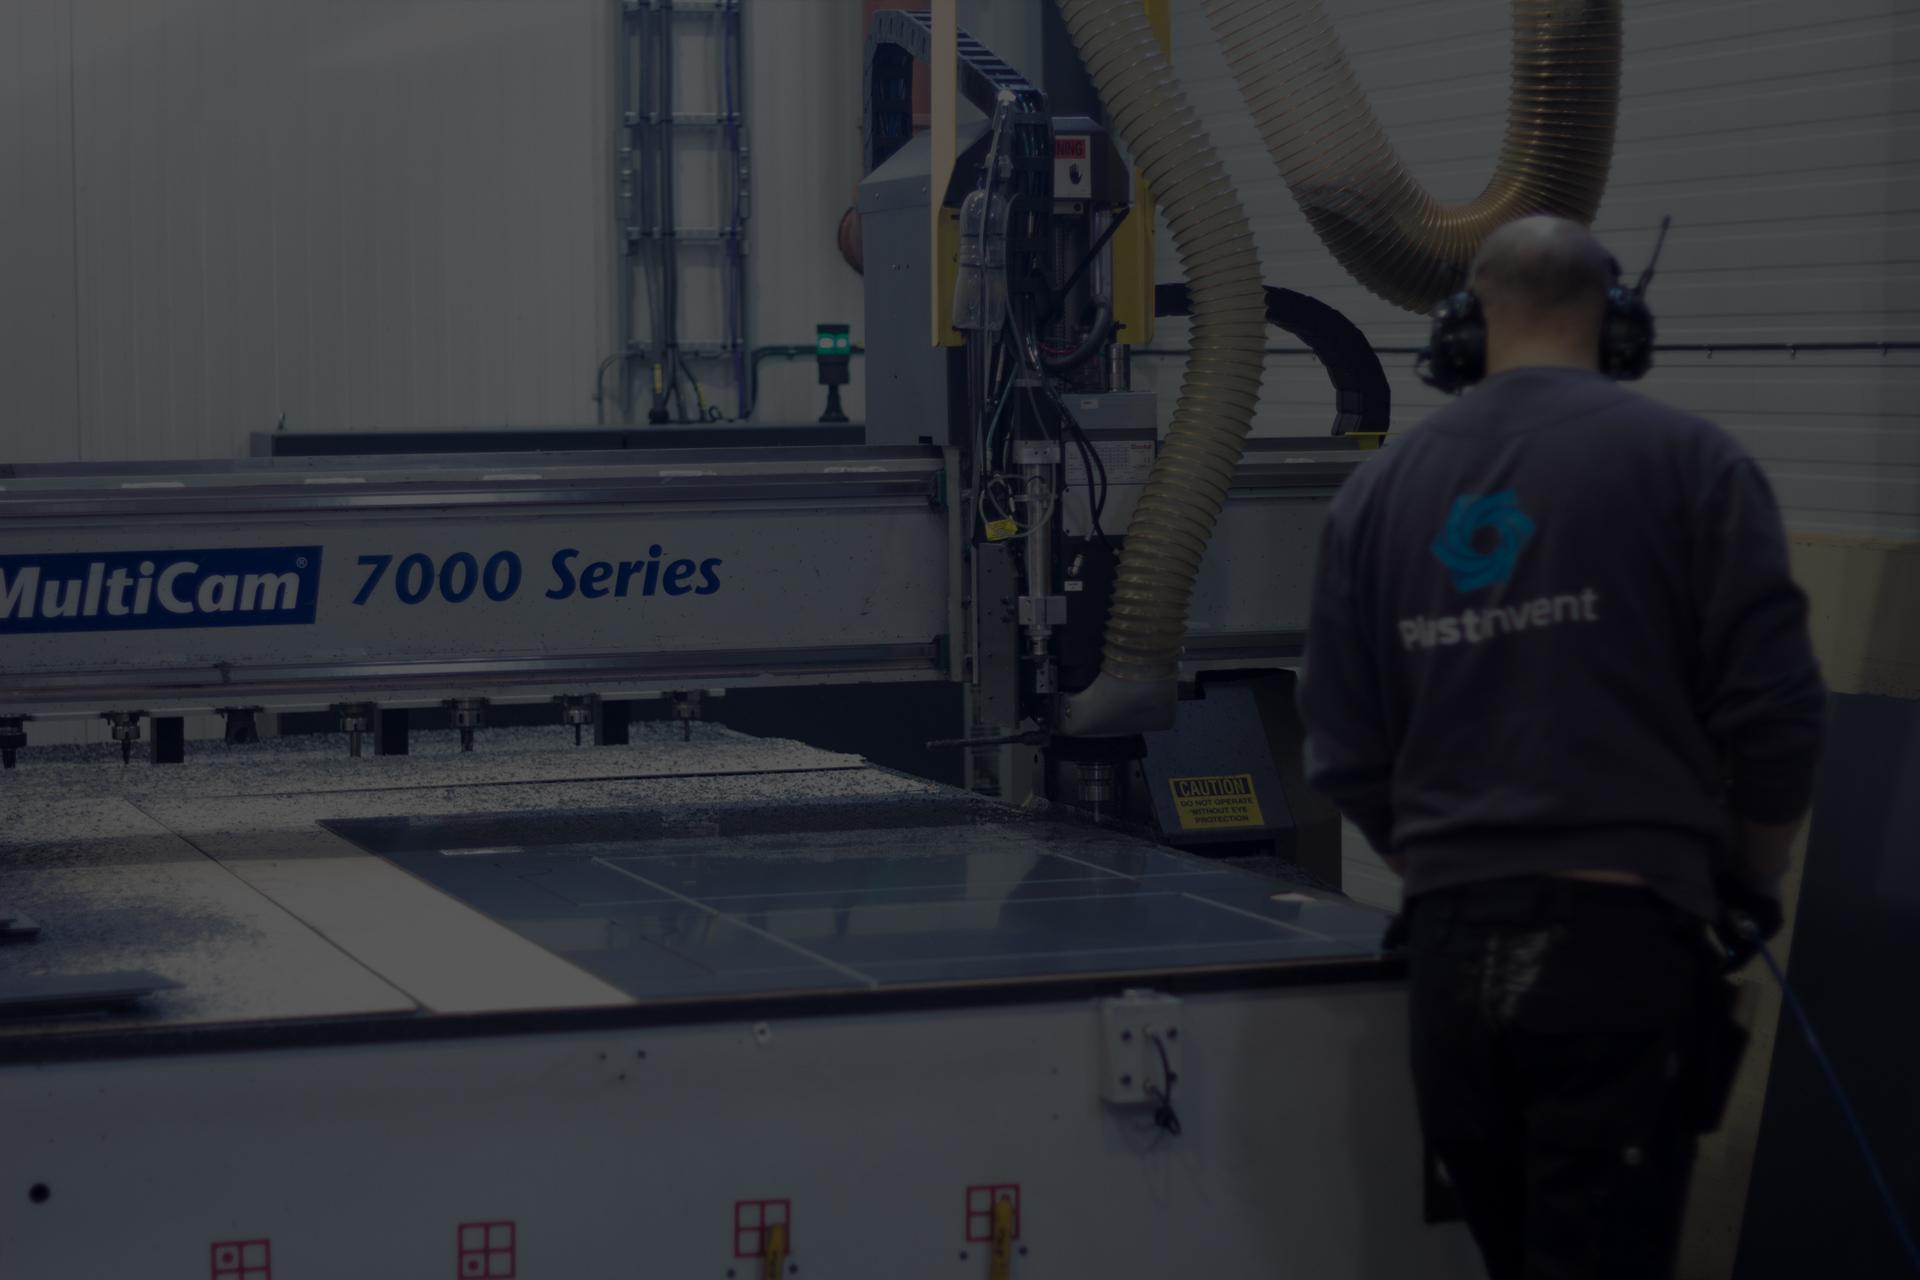 Maskinering - High performance CNS maskinering